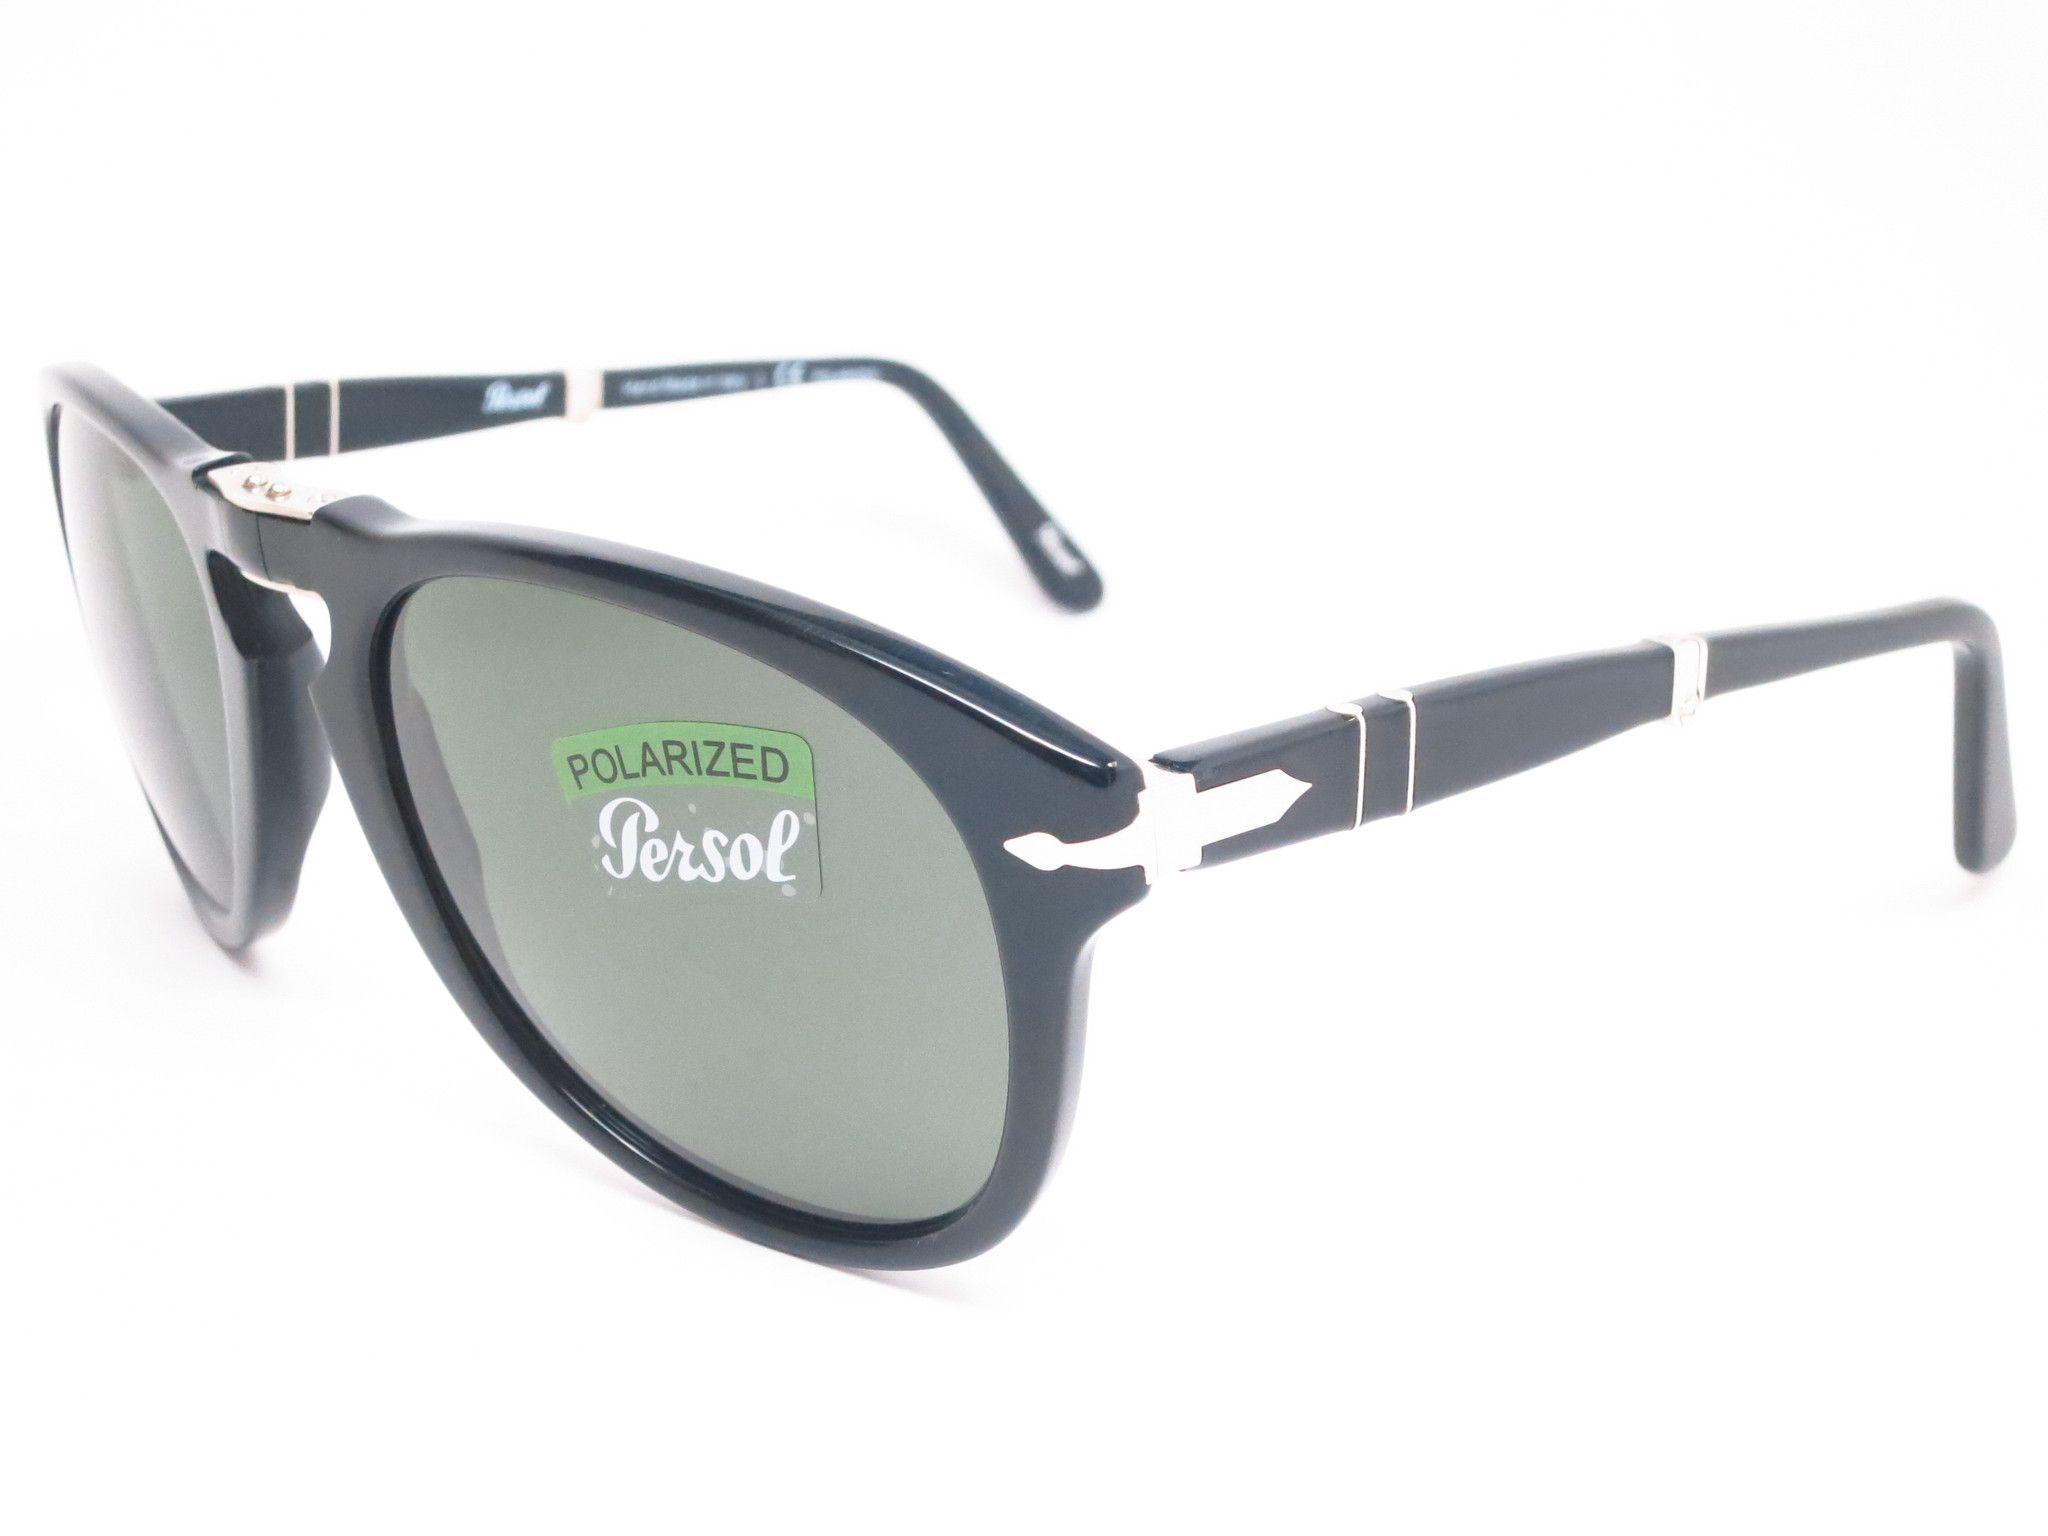 fa1da808115bf Persol PO 714-S 95 58 Black Polarized Folding Sunglasses